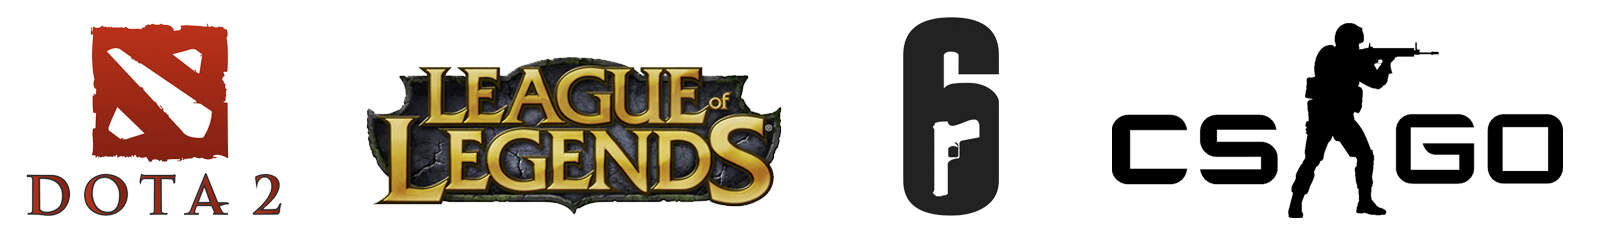 beliebte eSports Spiele